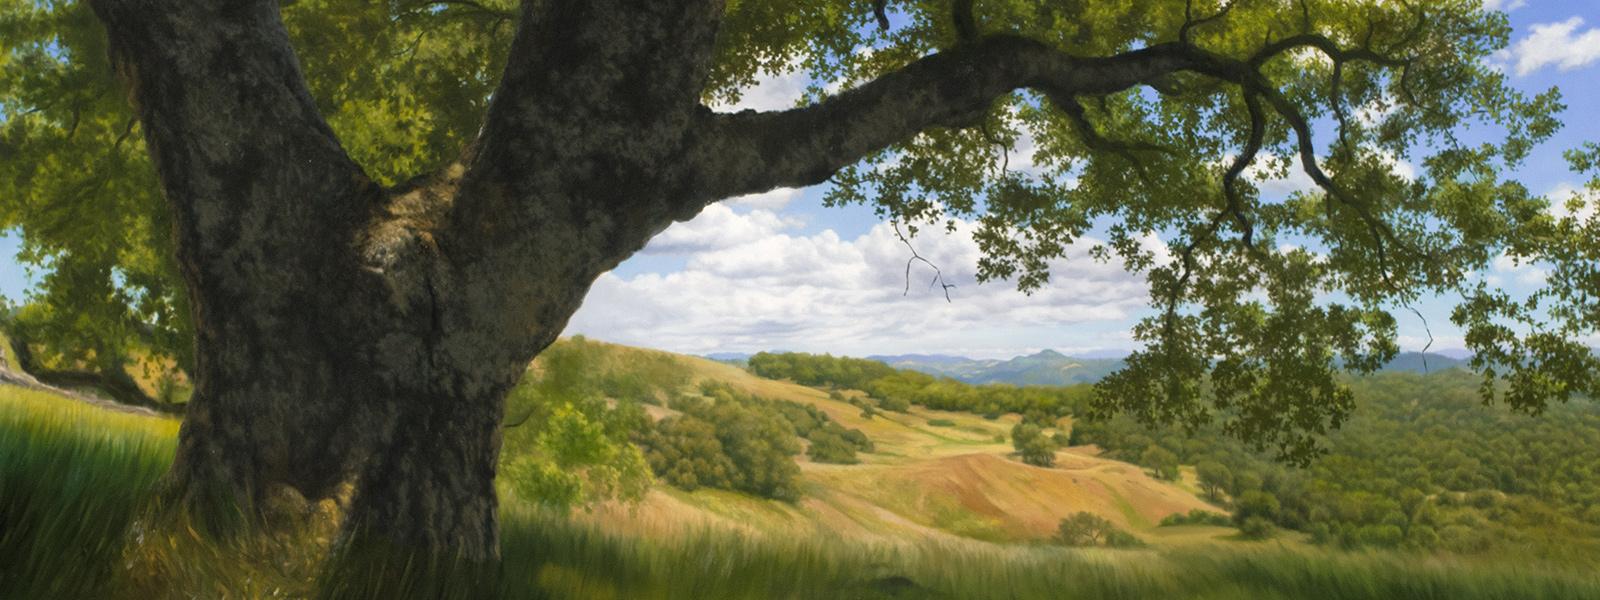 Natural Resources Oak Tree Purpose